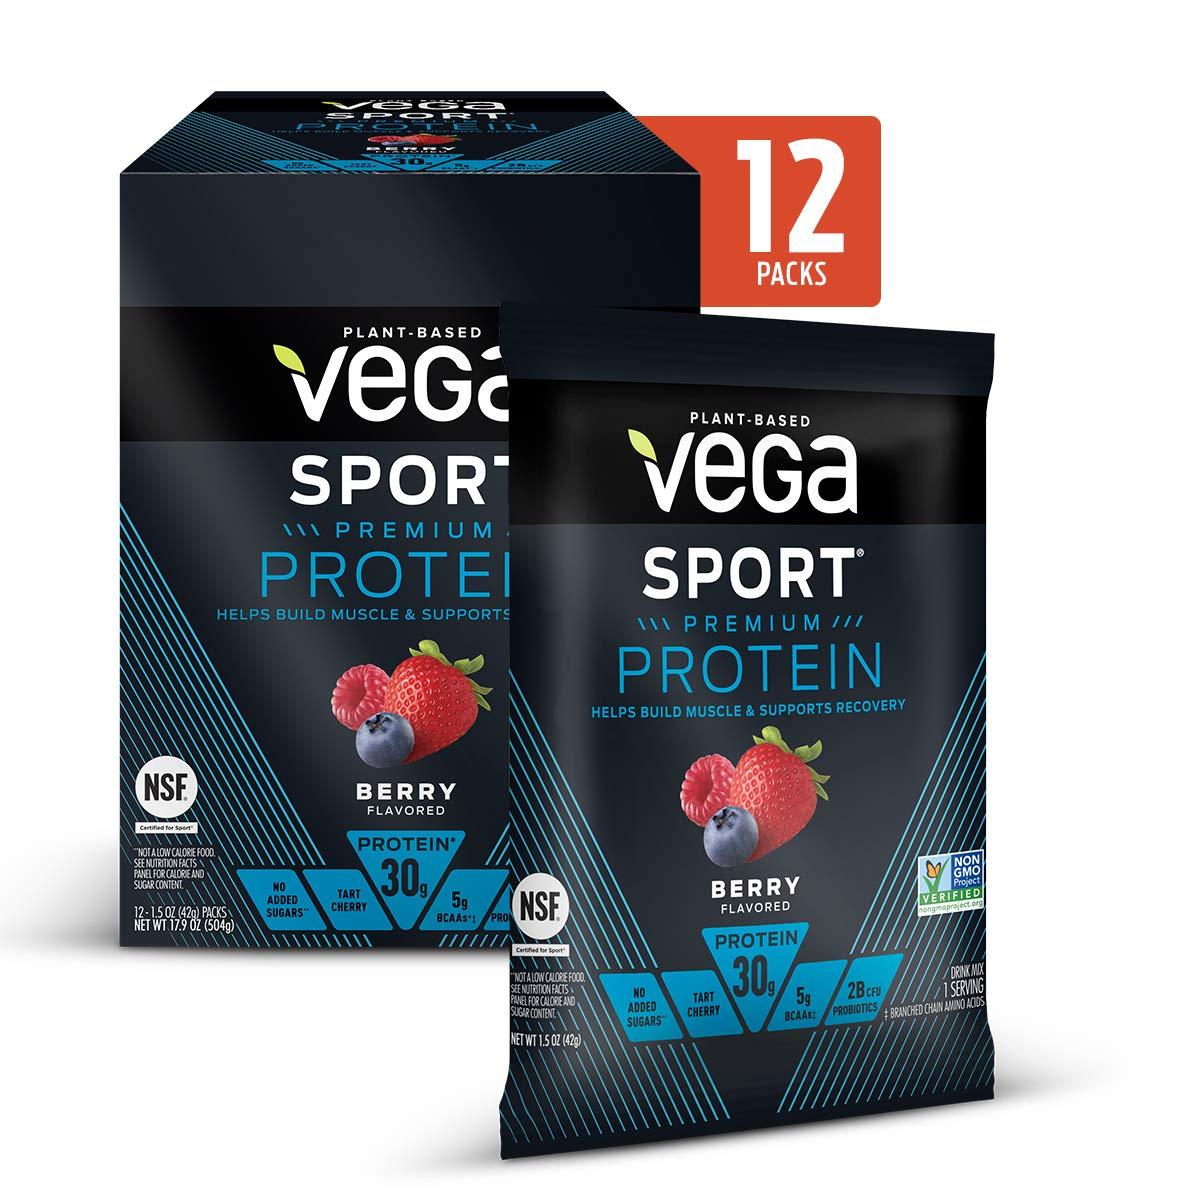 Vega Sport Protein Powder Berry, Plant-Based Vegan Protein Powder, BCAAs, Amino Acid, tart cherry, Non Dairy, Keto-Friendly, Gluten Free, Non GMO, (12 Count of 1.5 oz Packs) 17.9 oz